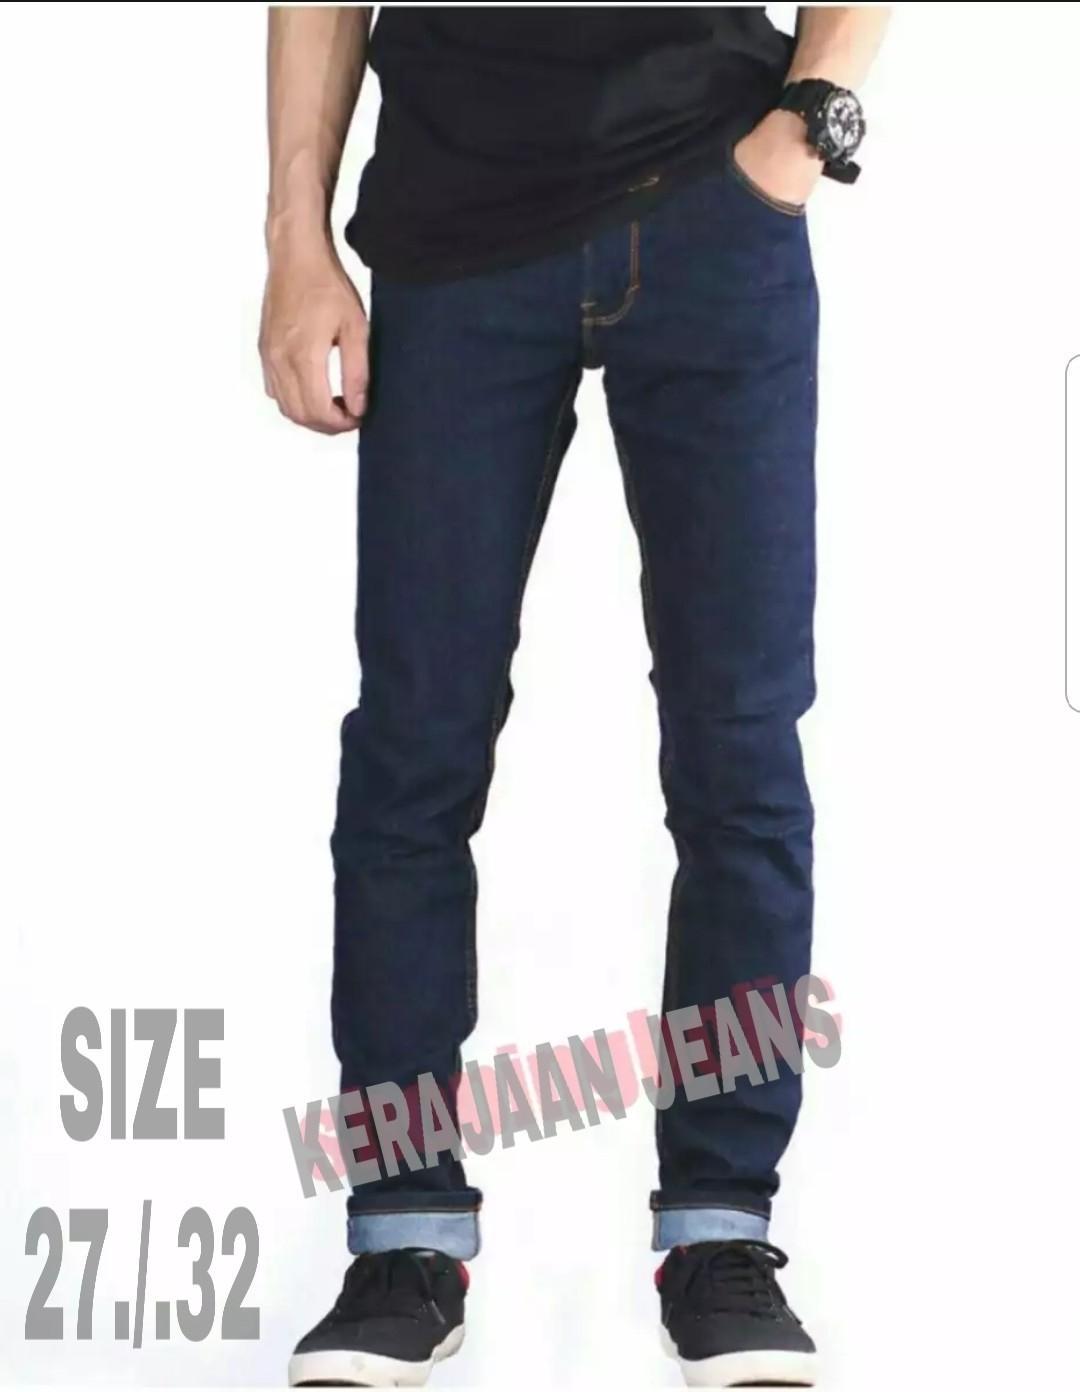 celana jeans fasion/kerajaan jeans/celana panjang pensil pria/celana panjang karet cowok